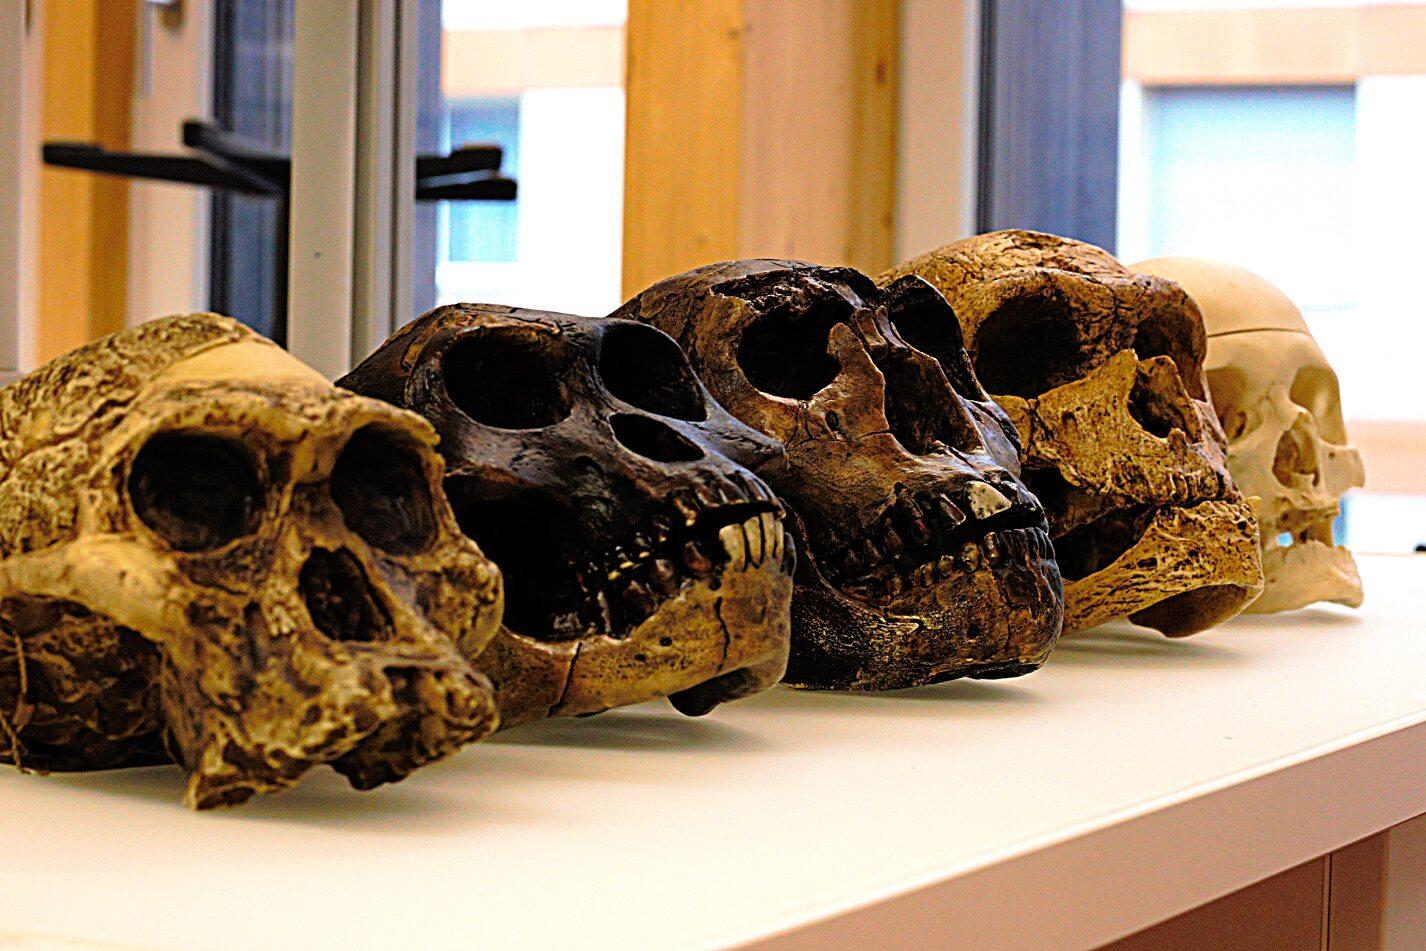 Czaszki przodków człowieka. Od lewej A. africanus, A. afarensis, H. erectus, H. neanderthalensis and H. sapiens sapiens